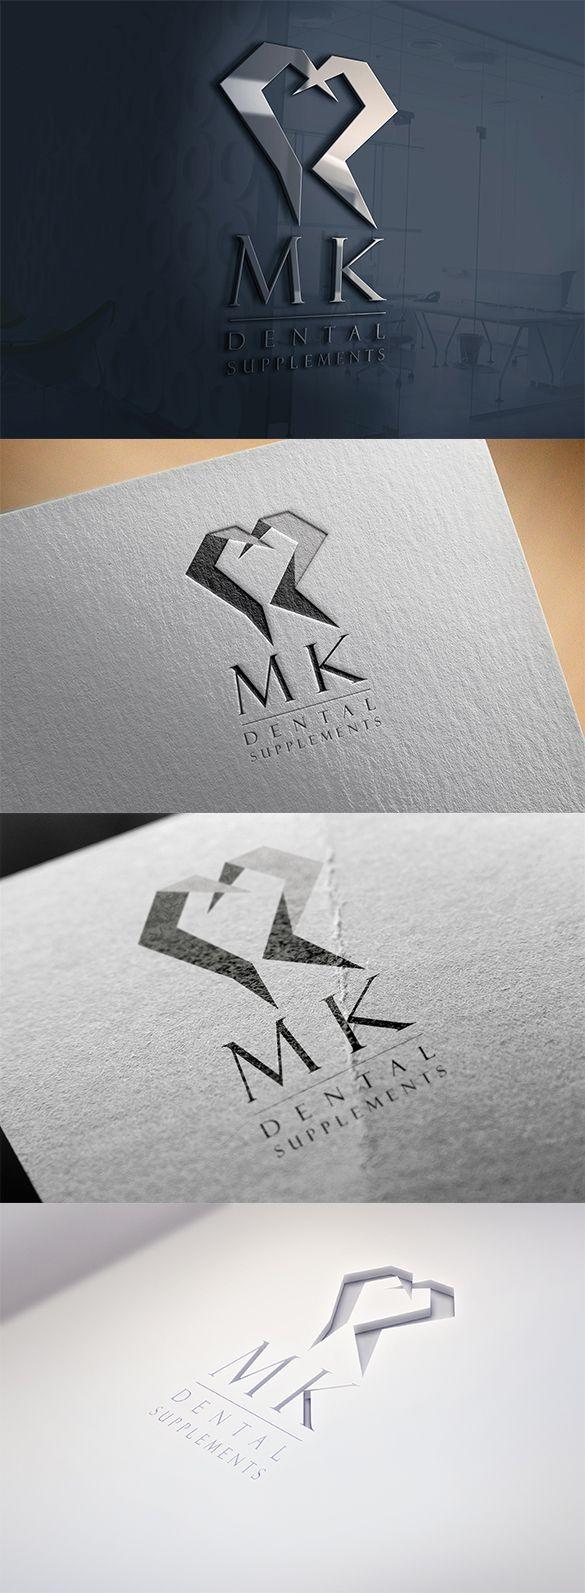 MK for dental supplements logo design